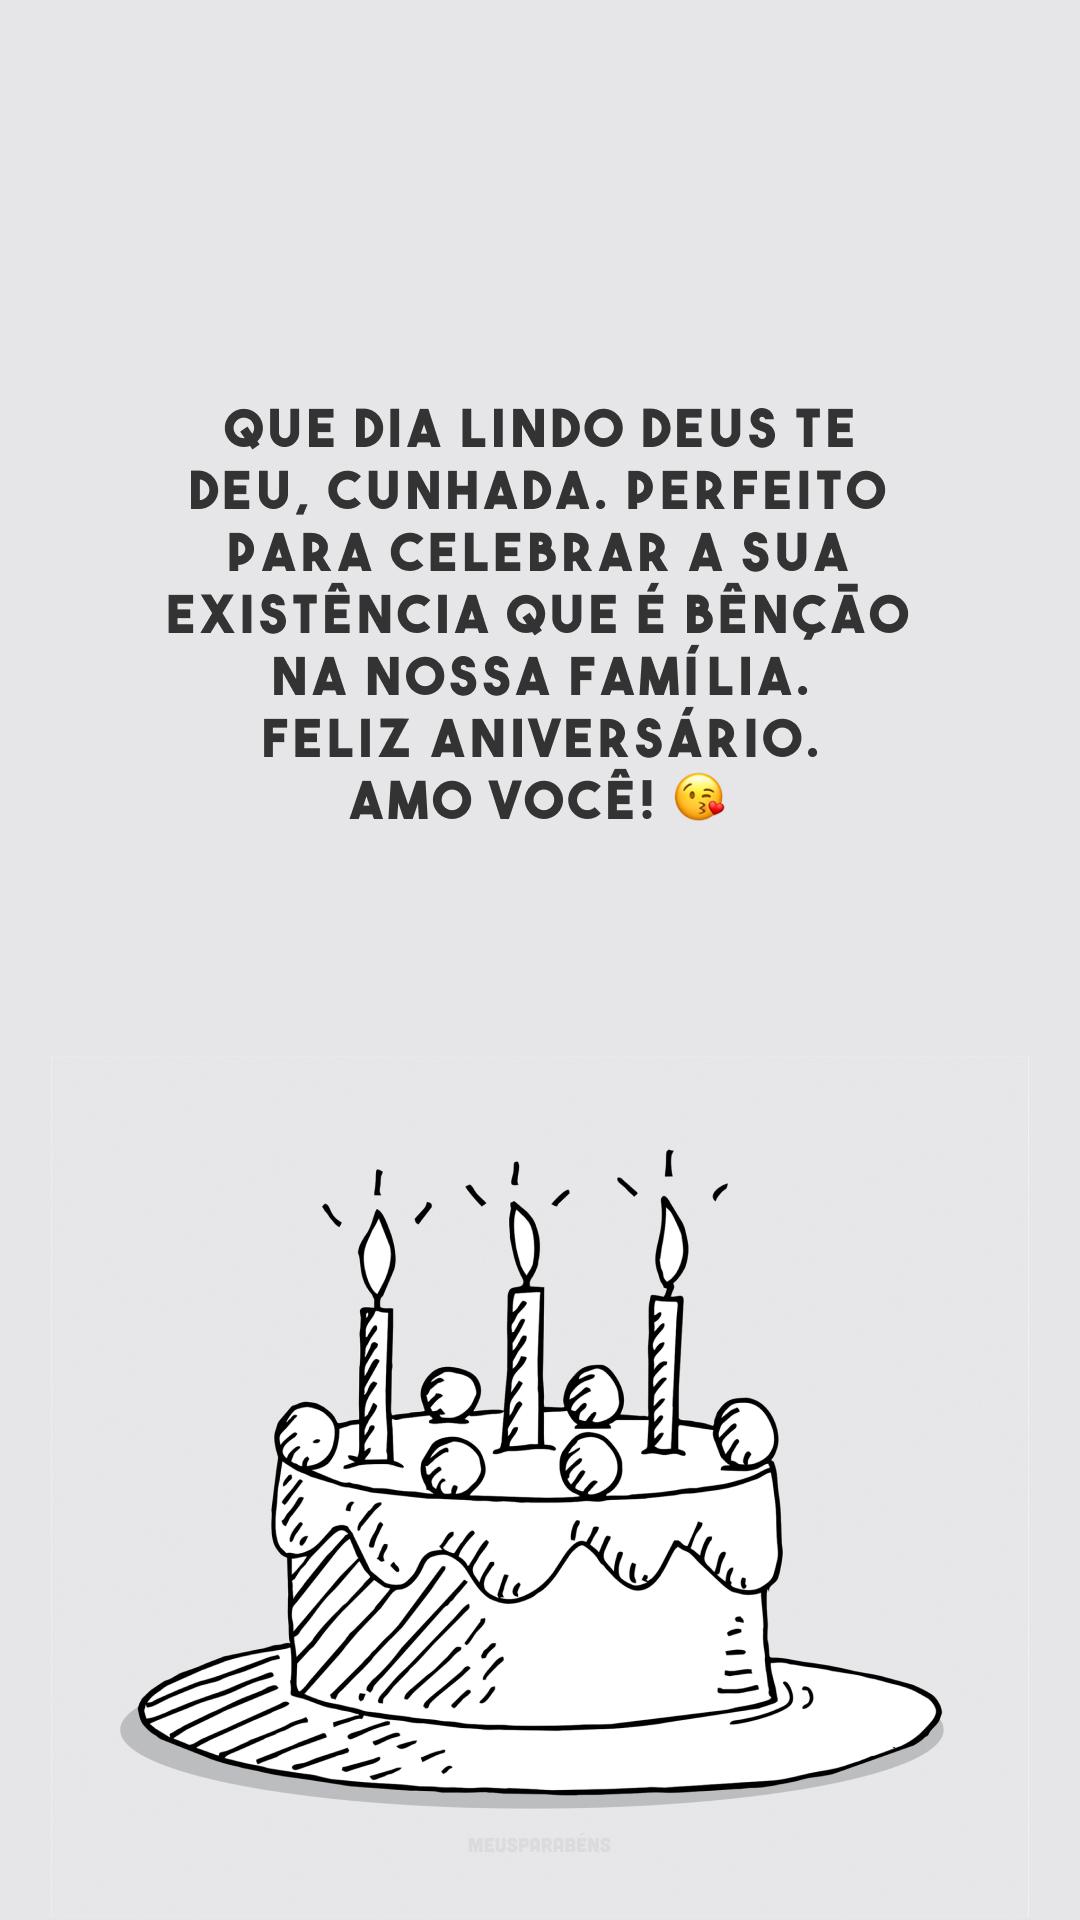 Que dia lindo Deus te deu, cunhada. Perfeito para celebrar a sua existência que é bênção na nossa família. Feliz aniversário. Amo você! 😘